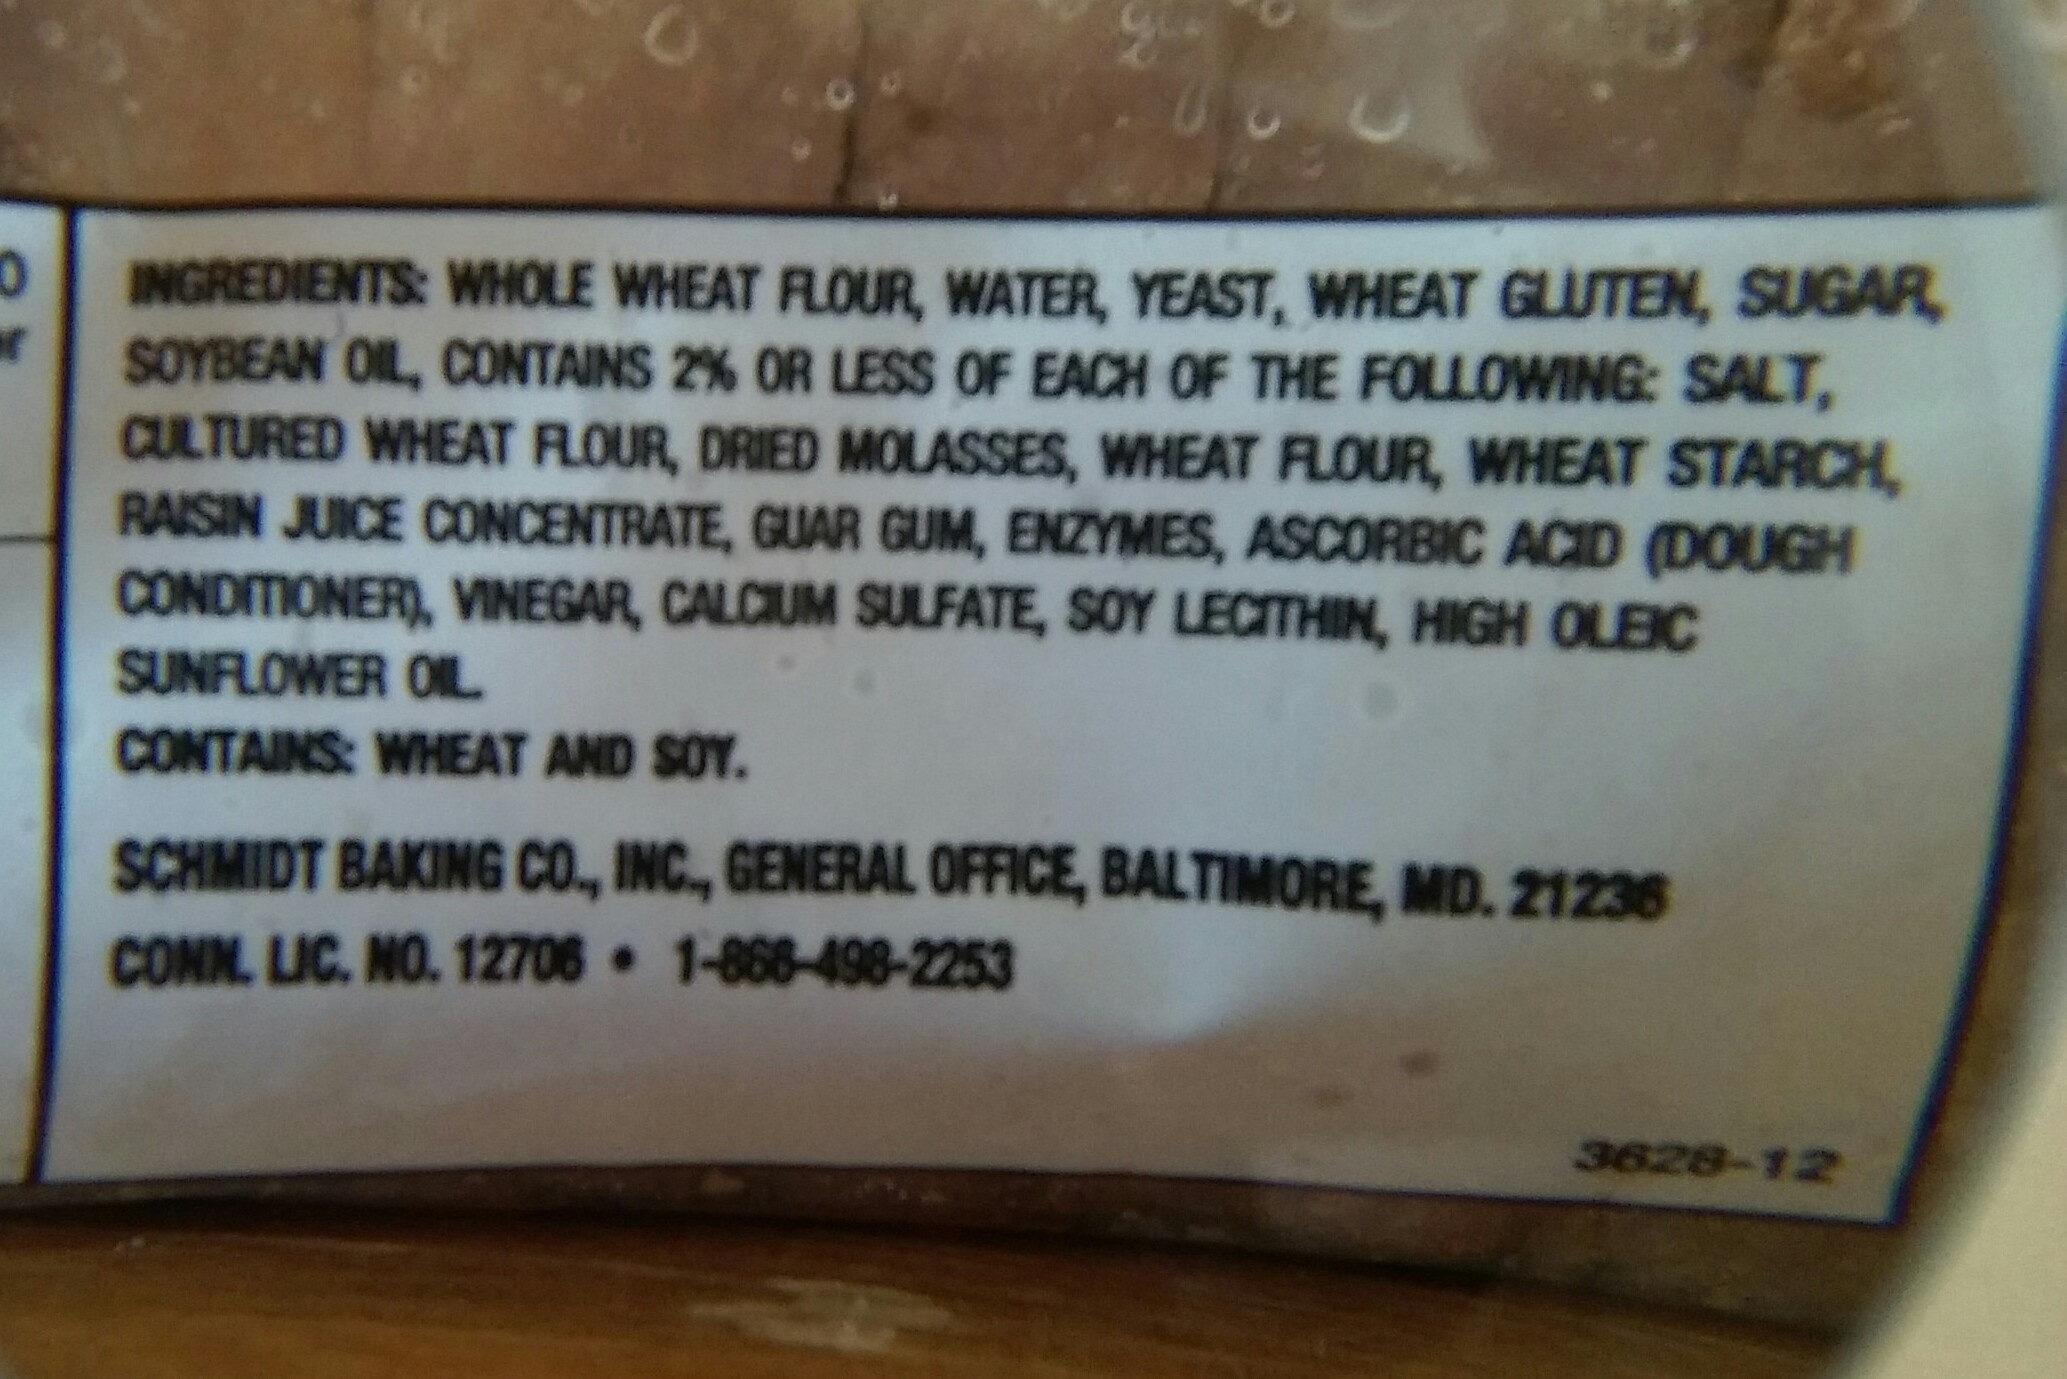 100% whole wheat bread - Ingredients - en